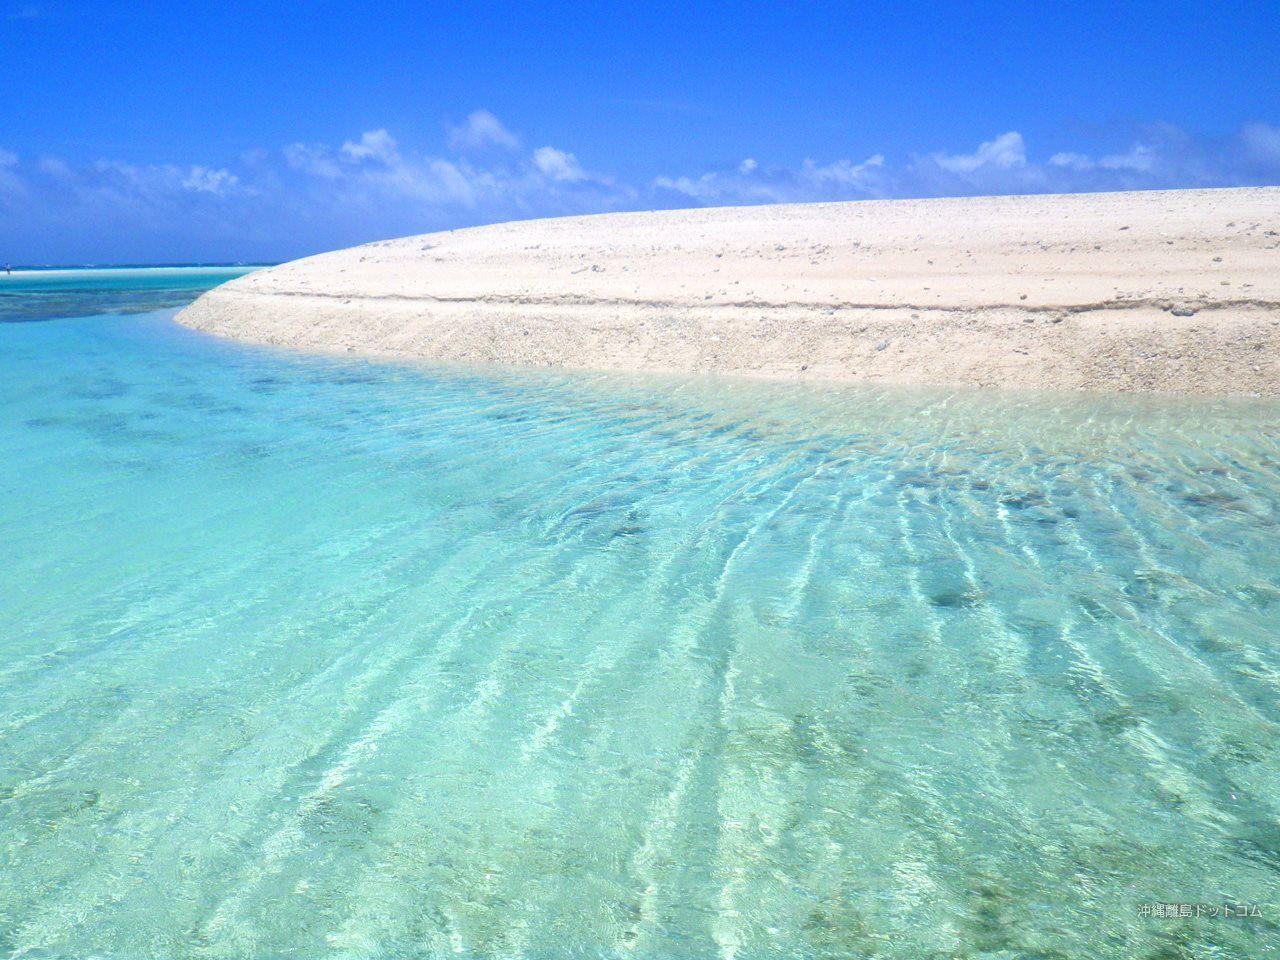 日本で一番キレイな海はどこ?